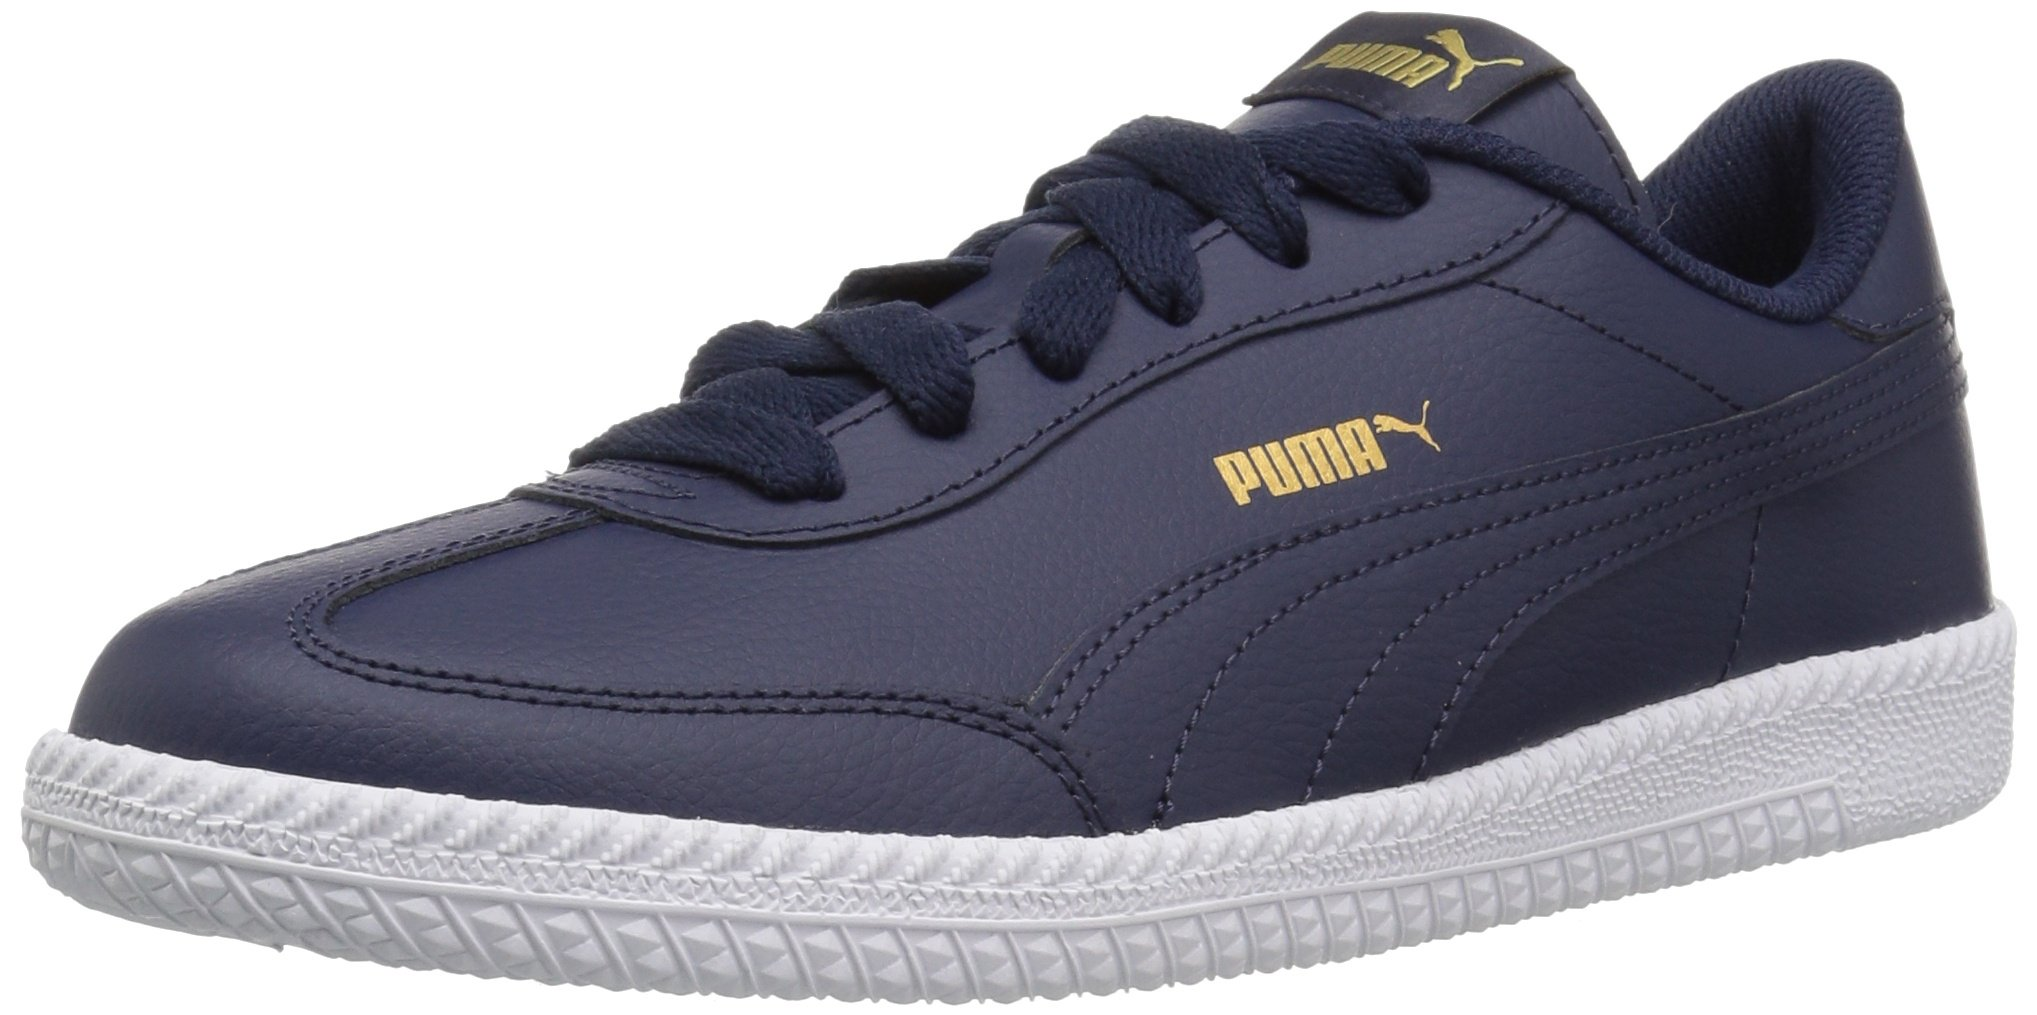 PUMA Men's Astro Cup Leather Sneaker, Peacoat-Peacoat, 14 M US